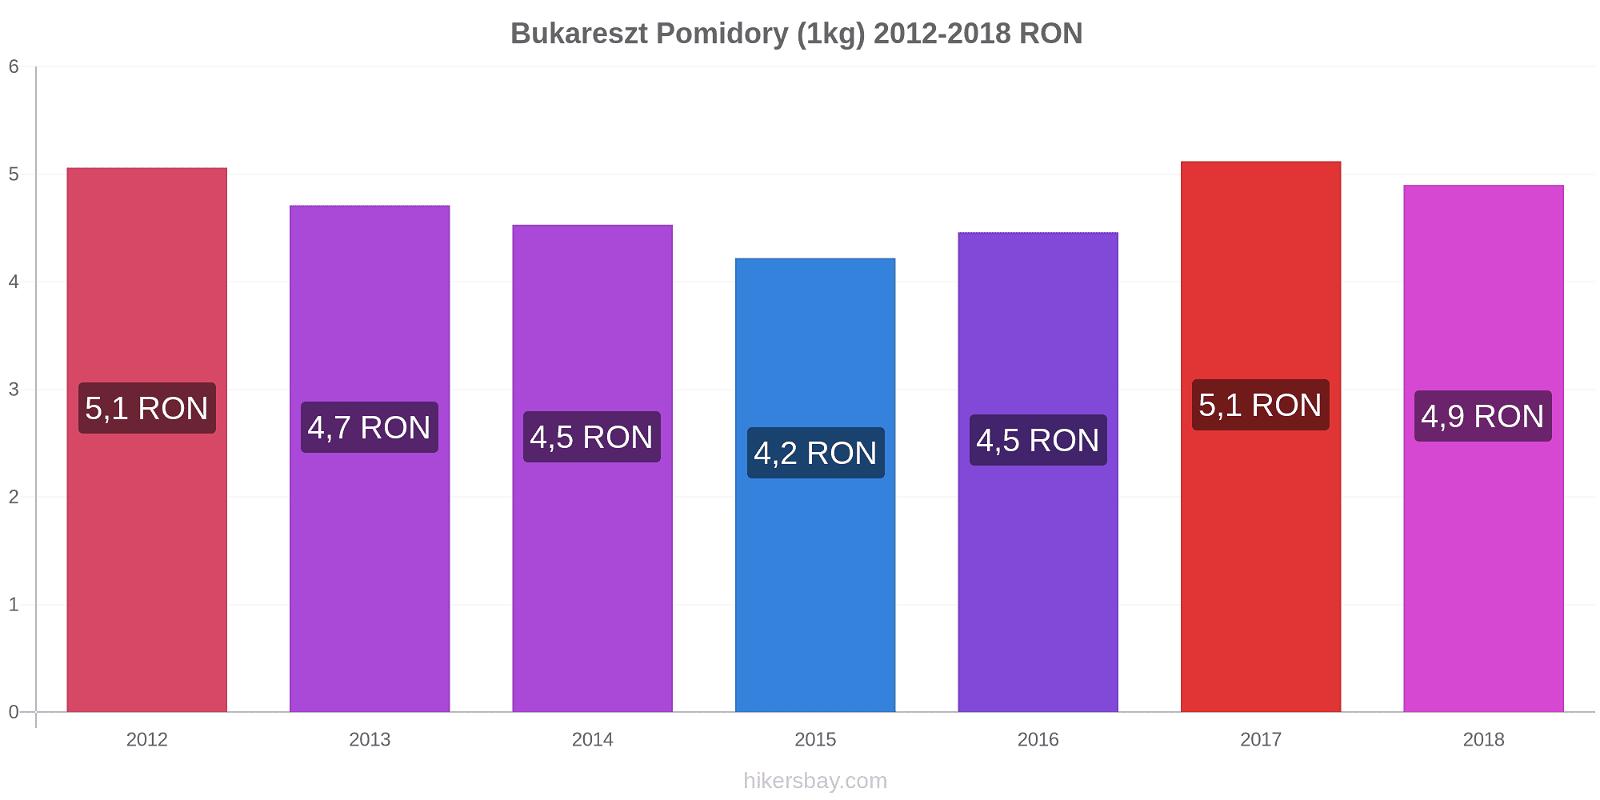 Bukareszt zmiany cen Pomidory (1kg) hikersbay.com